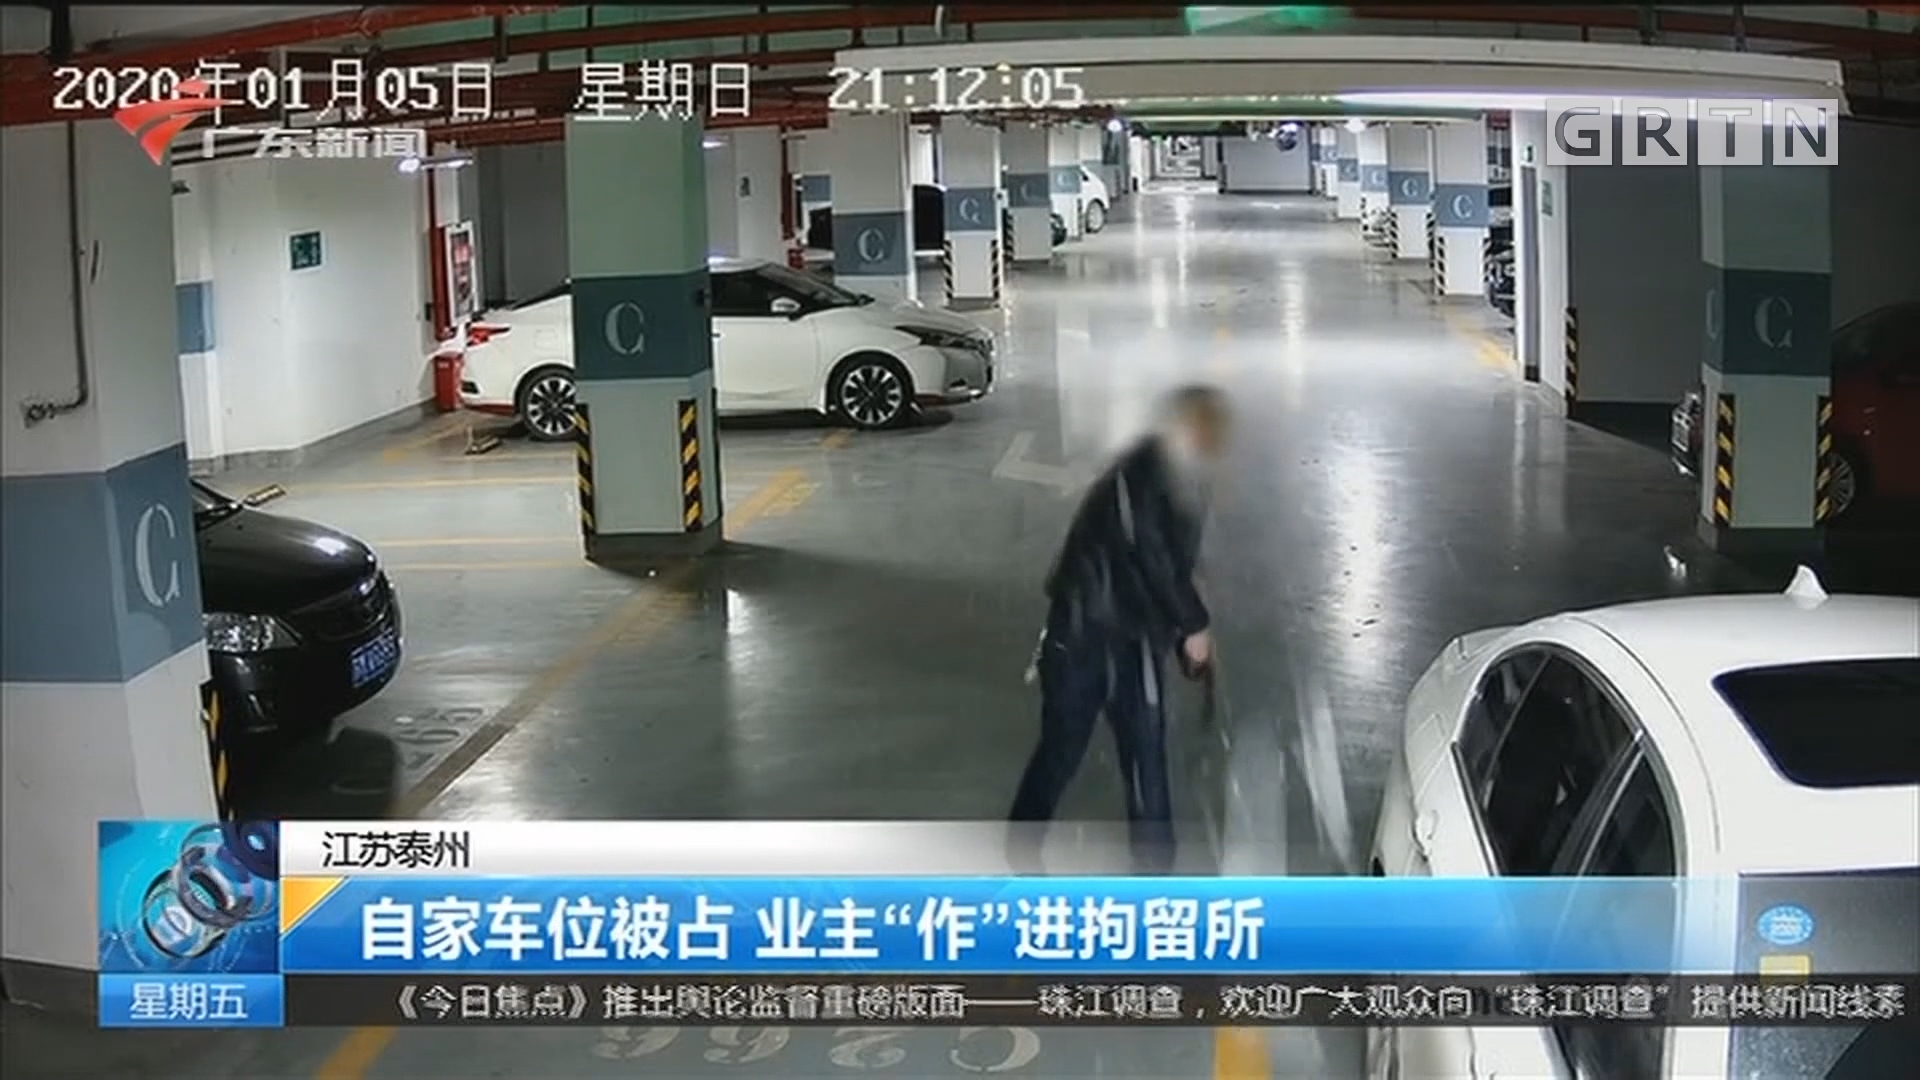 """江苏泰州 自家车位被占 业主""""作""""进拘留所"""